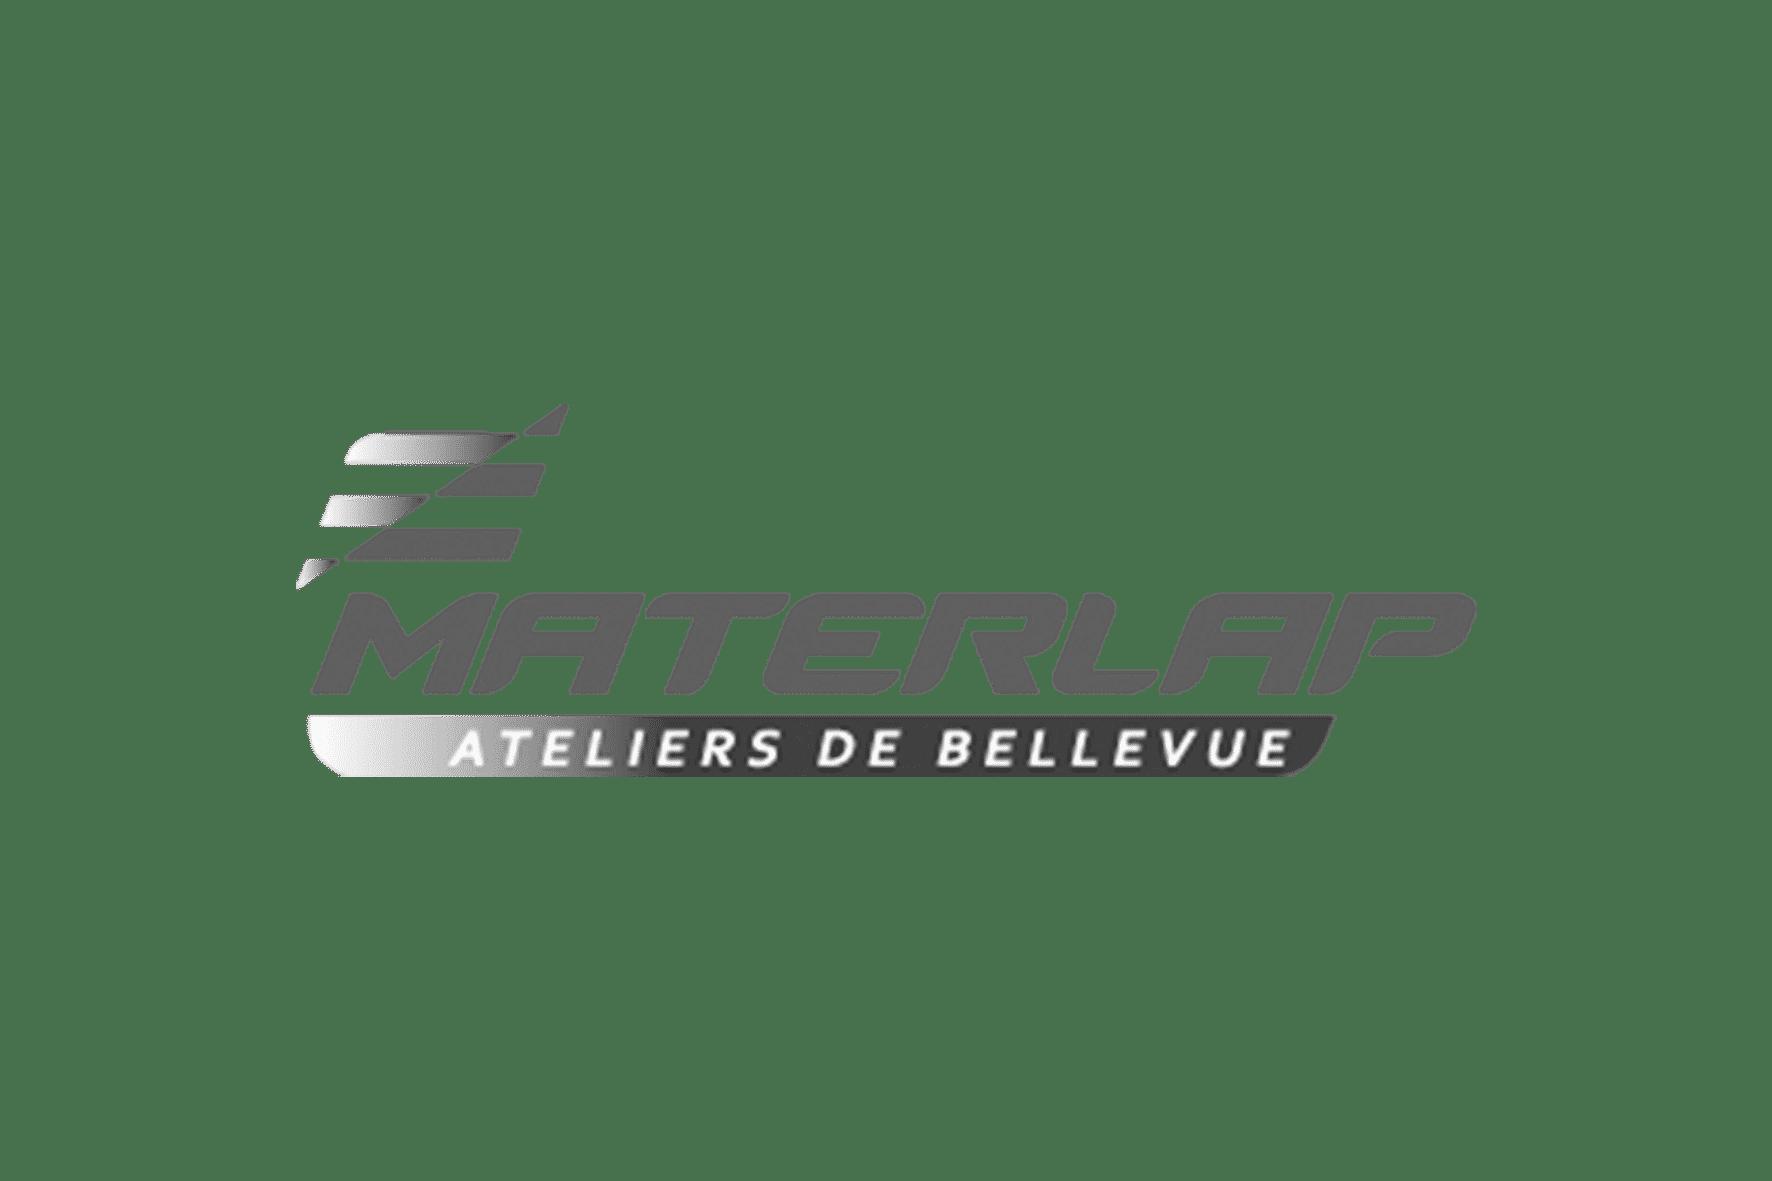 https://doubleve.fr/wp-content/uploads/2019/07/Logo-materlap.png